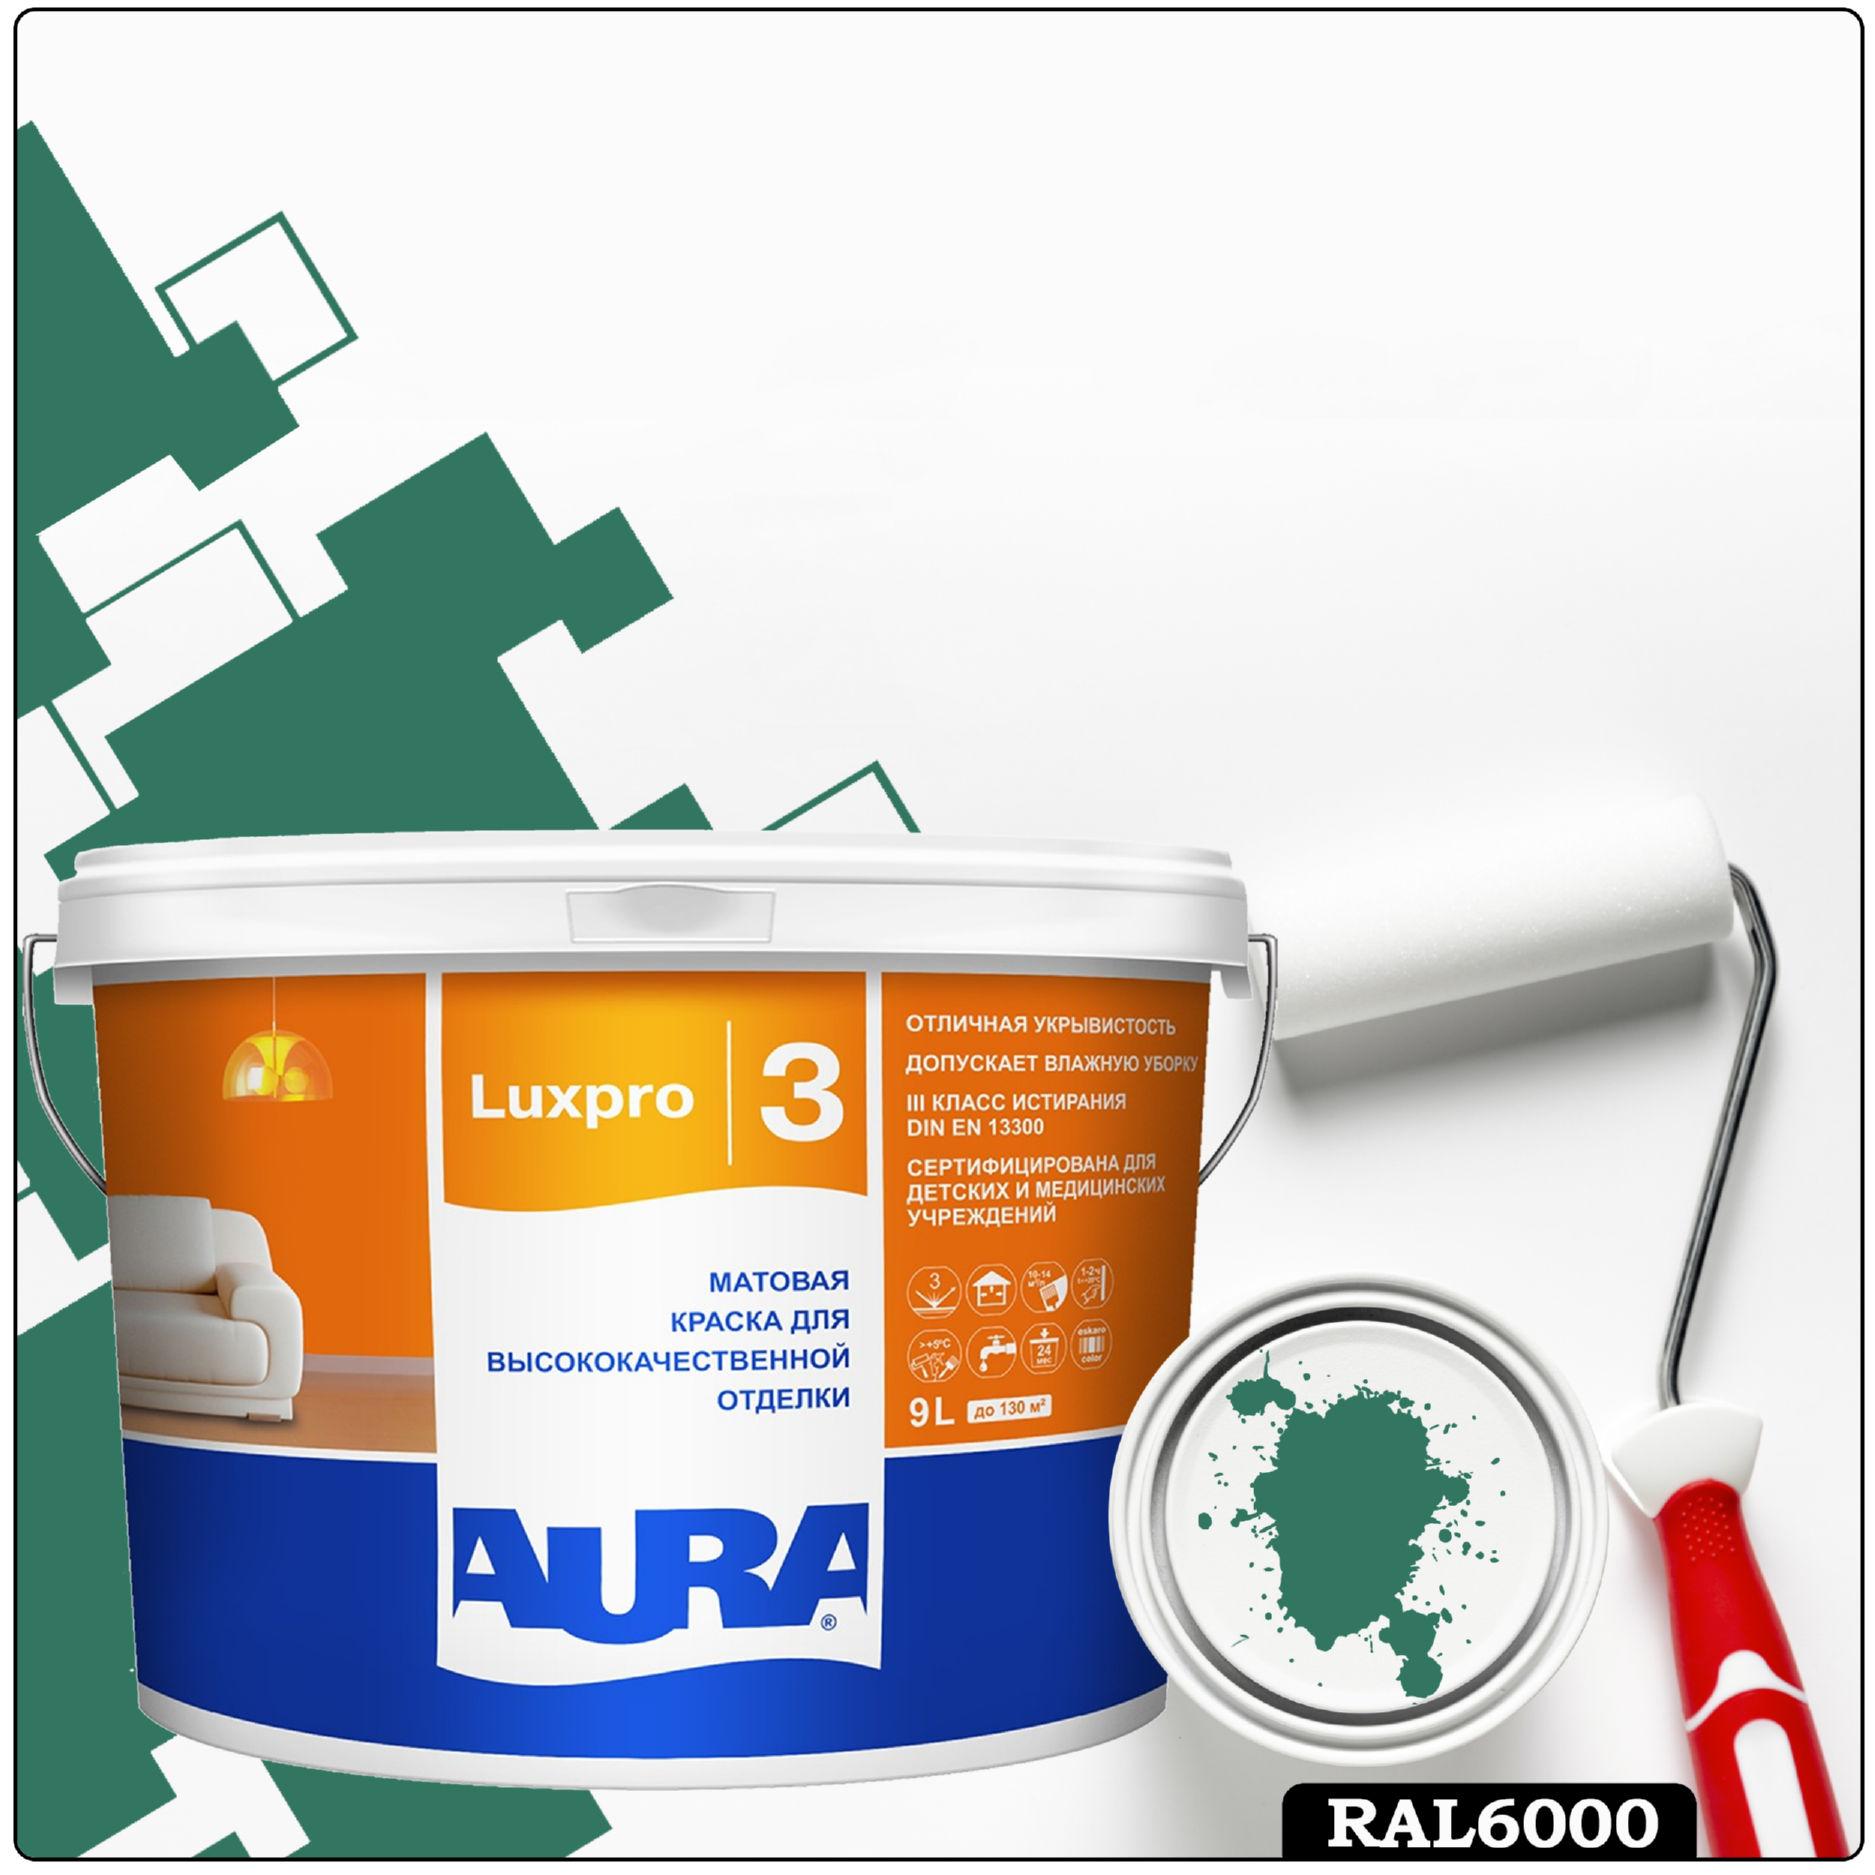 Фото 1 - Краска Aura LuxPRO 3, RAL 6000 Платиново-зеленый, латексная, шелково-матовая, интерьерная, 9л, Аура.